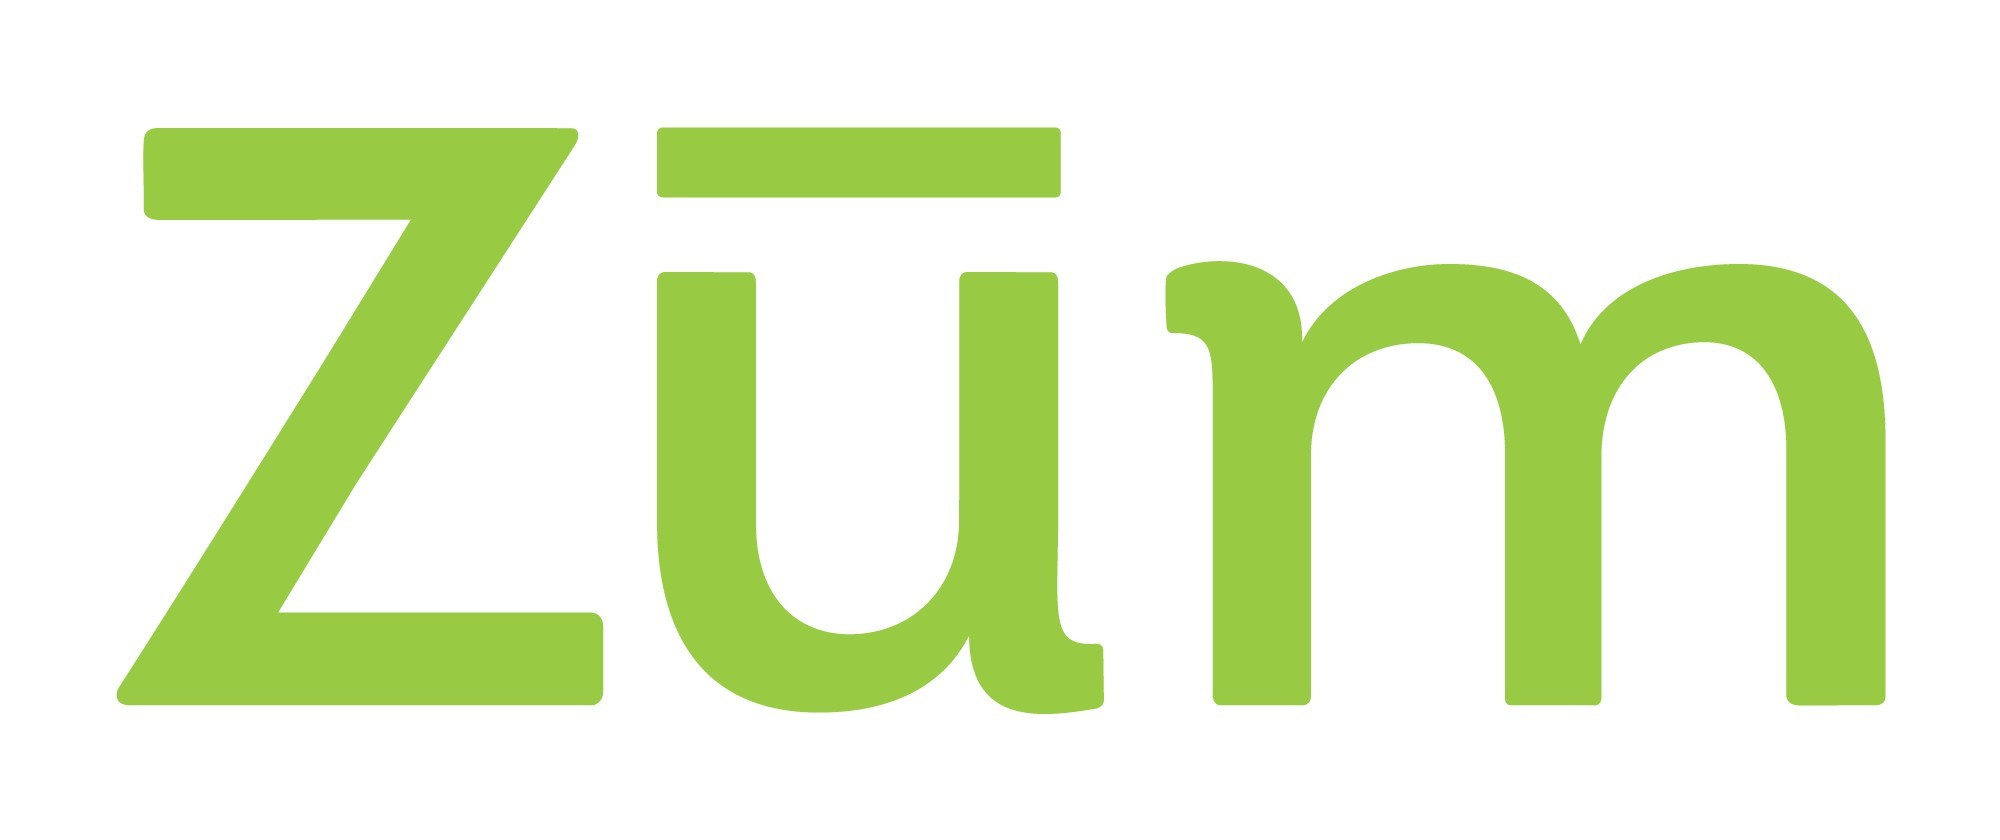 Zum logo.